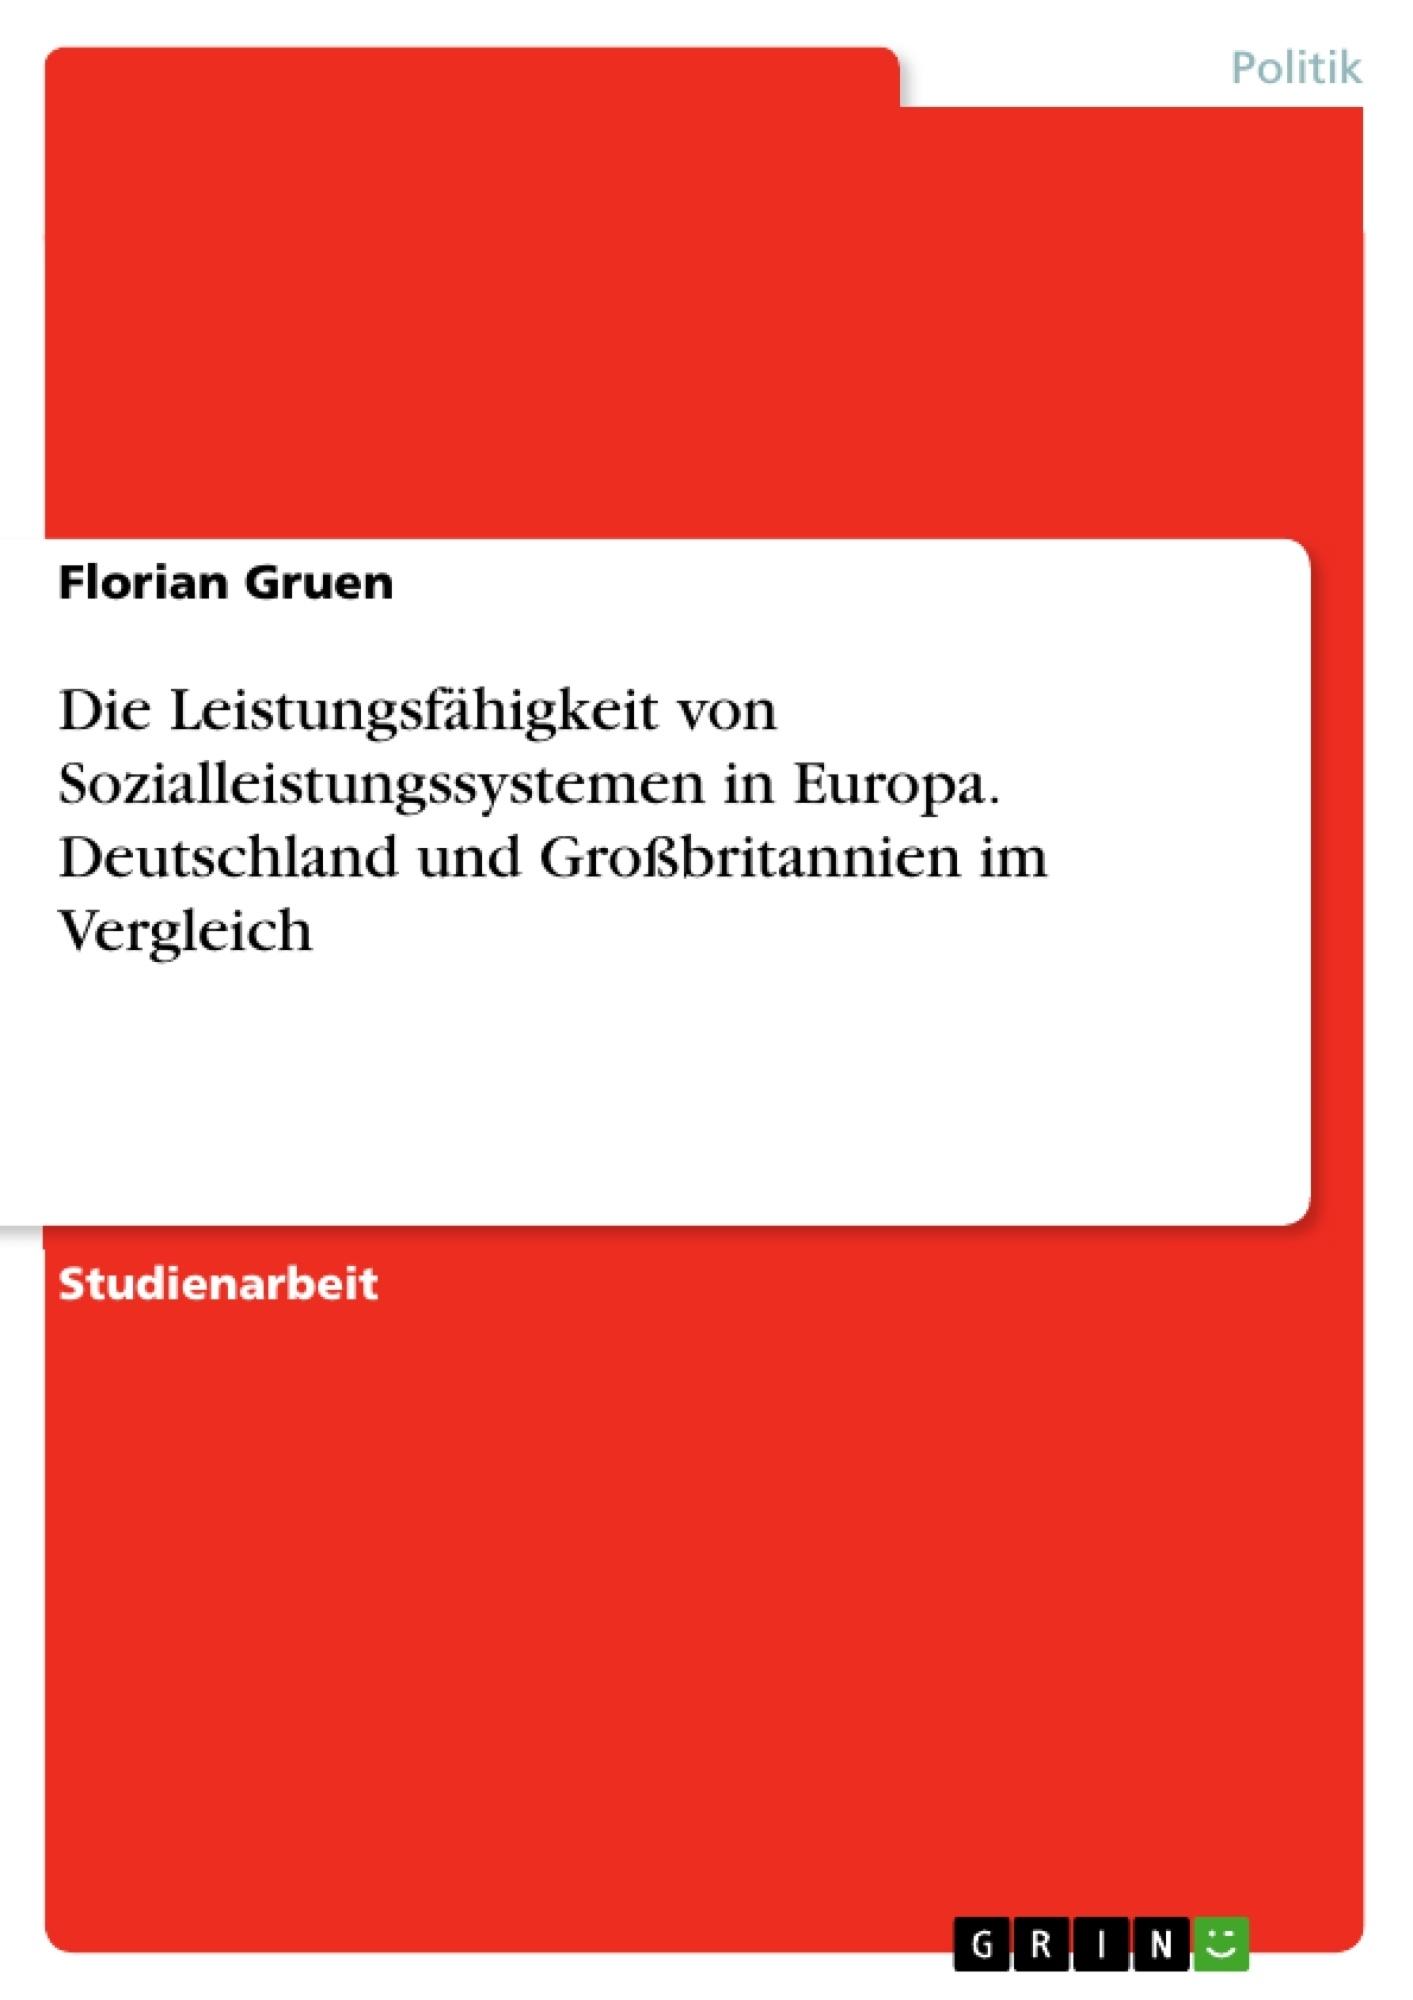 Titel: Die Leistungsfähigkeit von Sozialleistungssystemen in Europa. Deutschland und Großbritannien im Vergleich